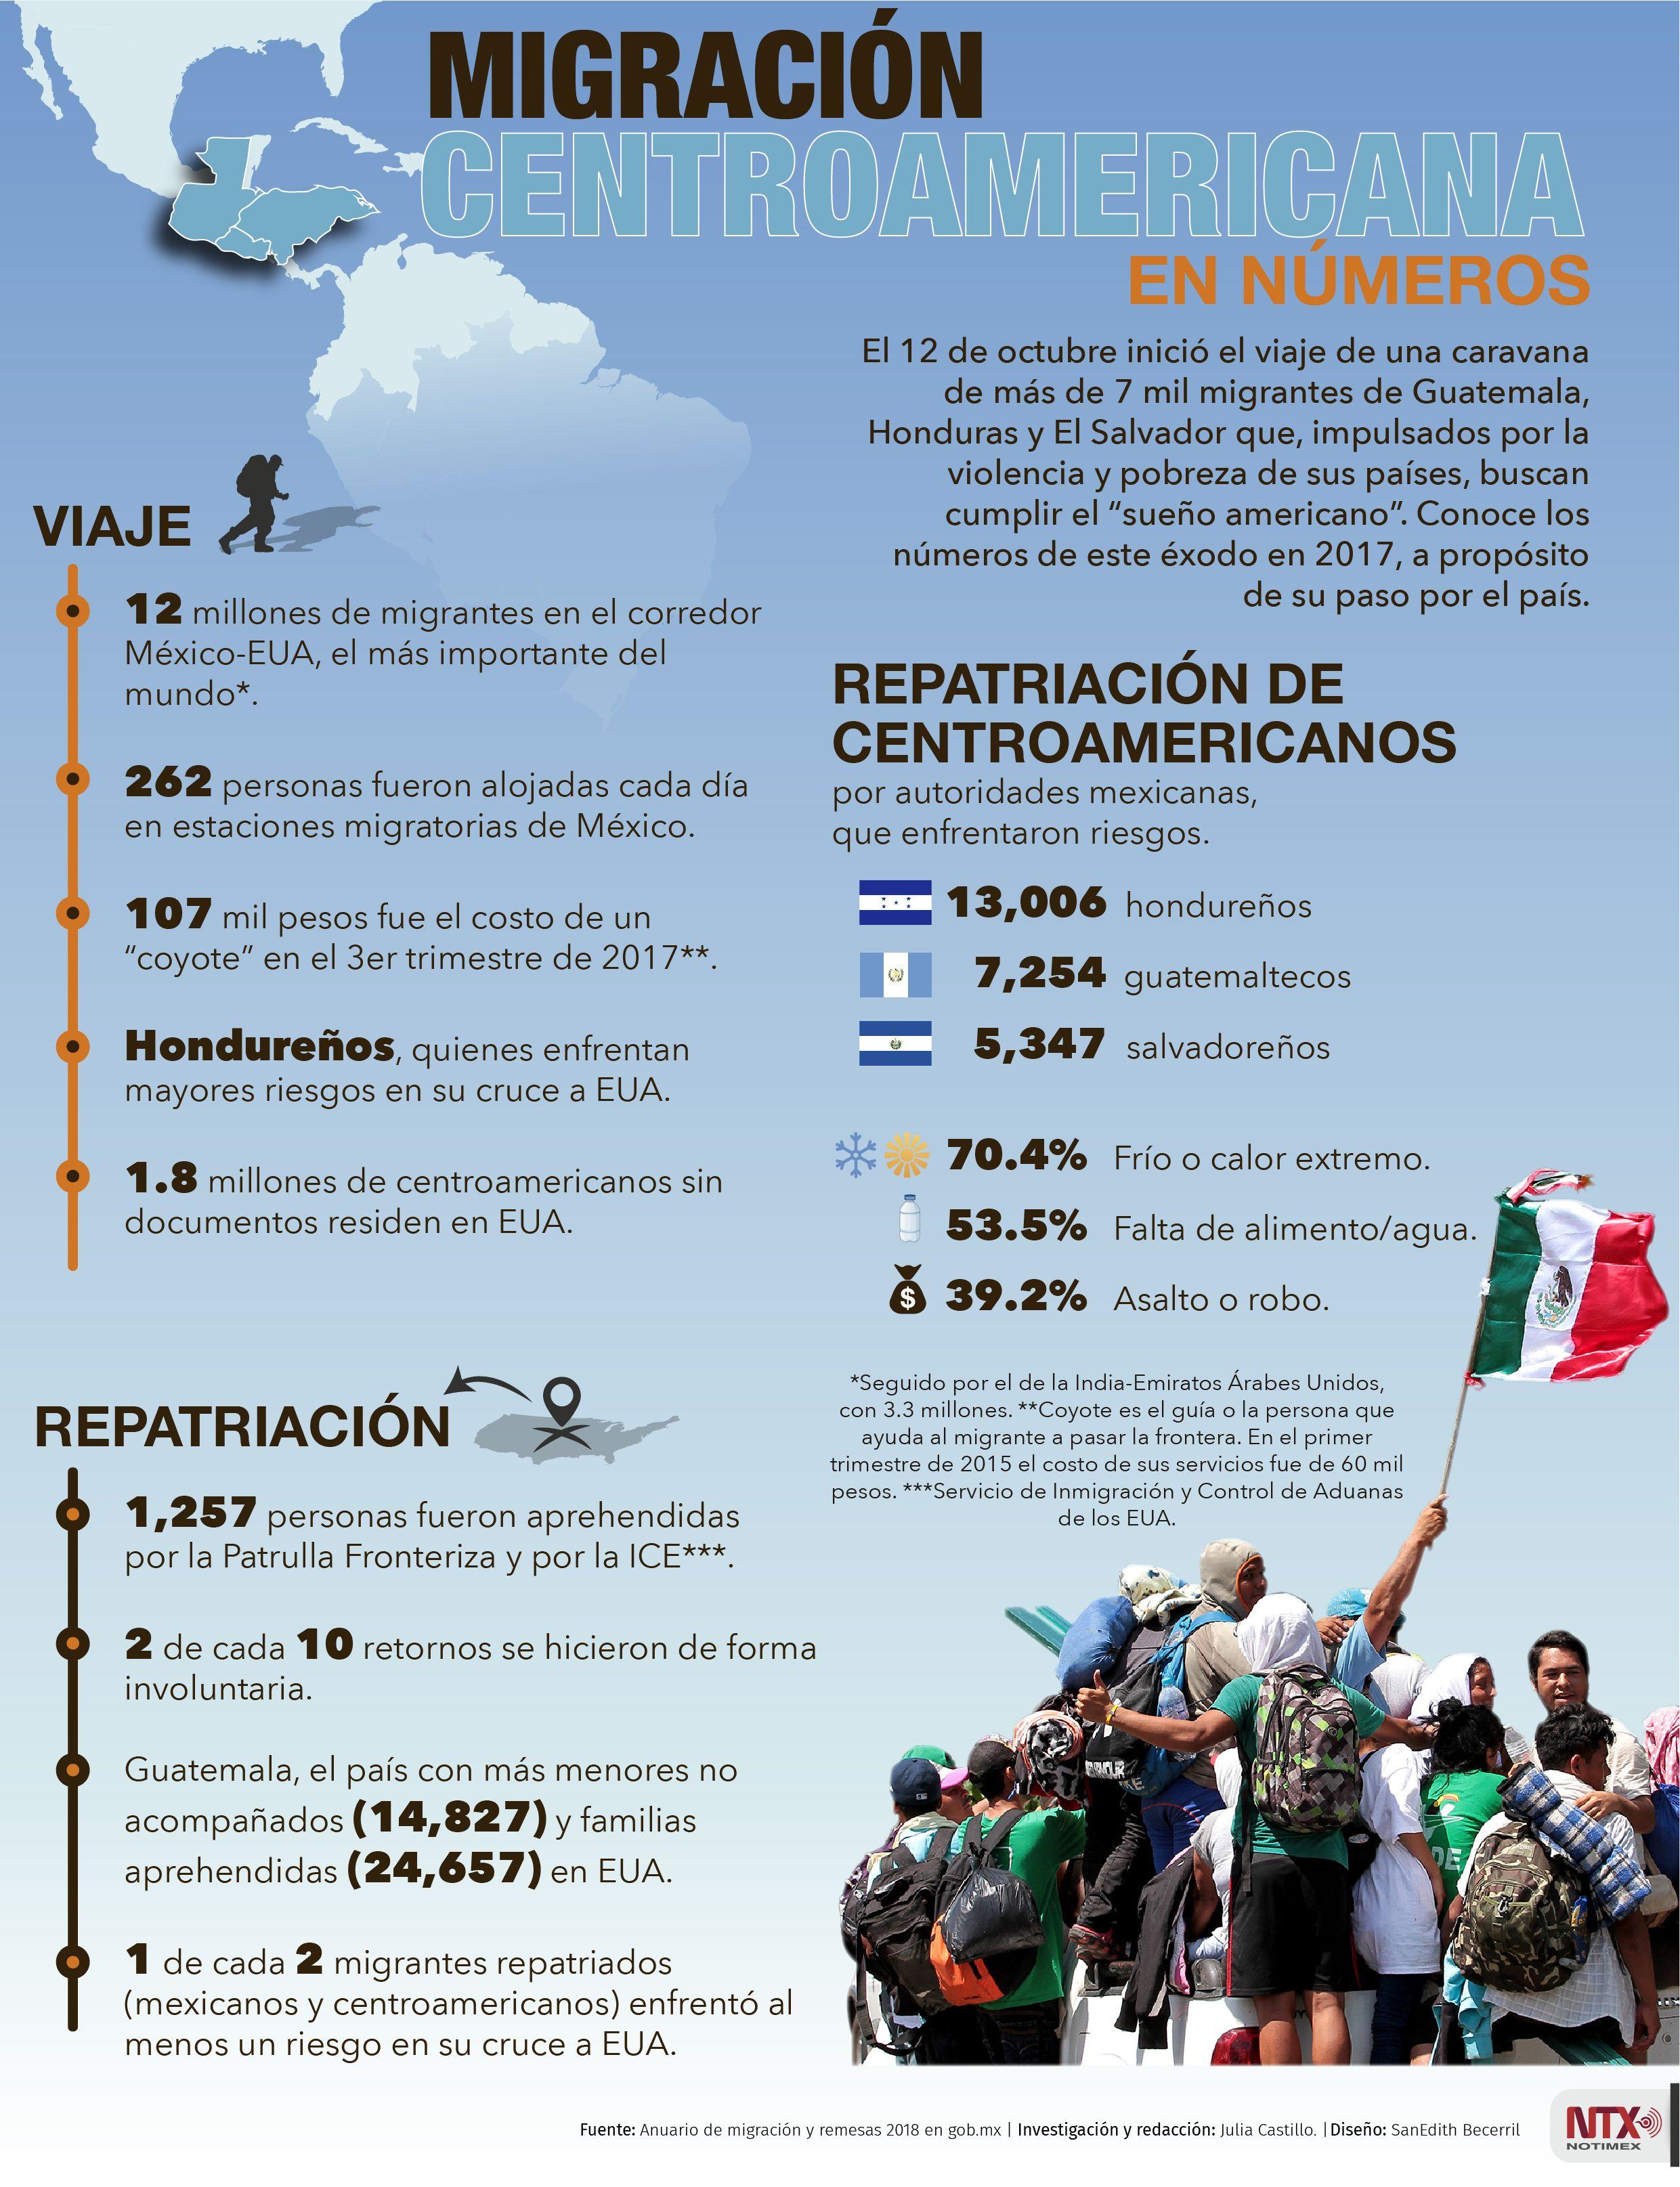 A Propósito Del Avance De Los Migrantes Por Nuestro País Conoce En La Infografíantx Las Cifras De La Migr High School Spanish Learning Spanish Tumblr Pattern